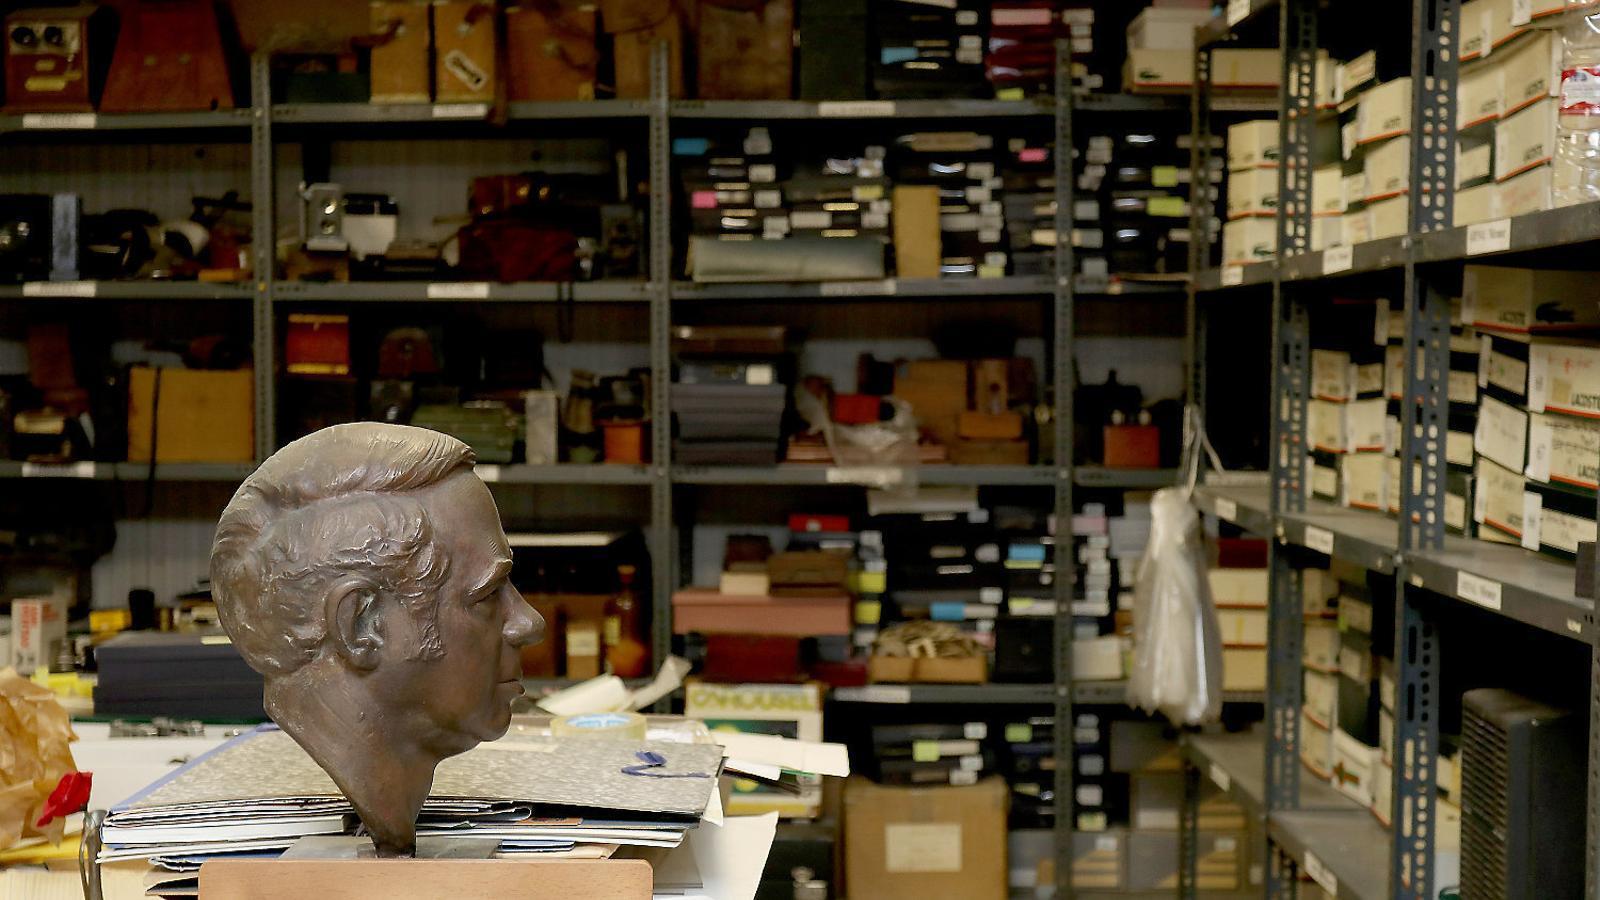 L'Arxiu Planas encara   Espera ajuts públics